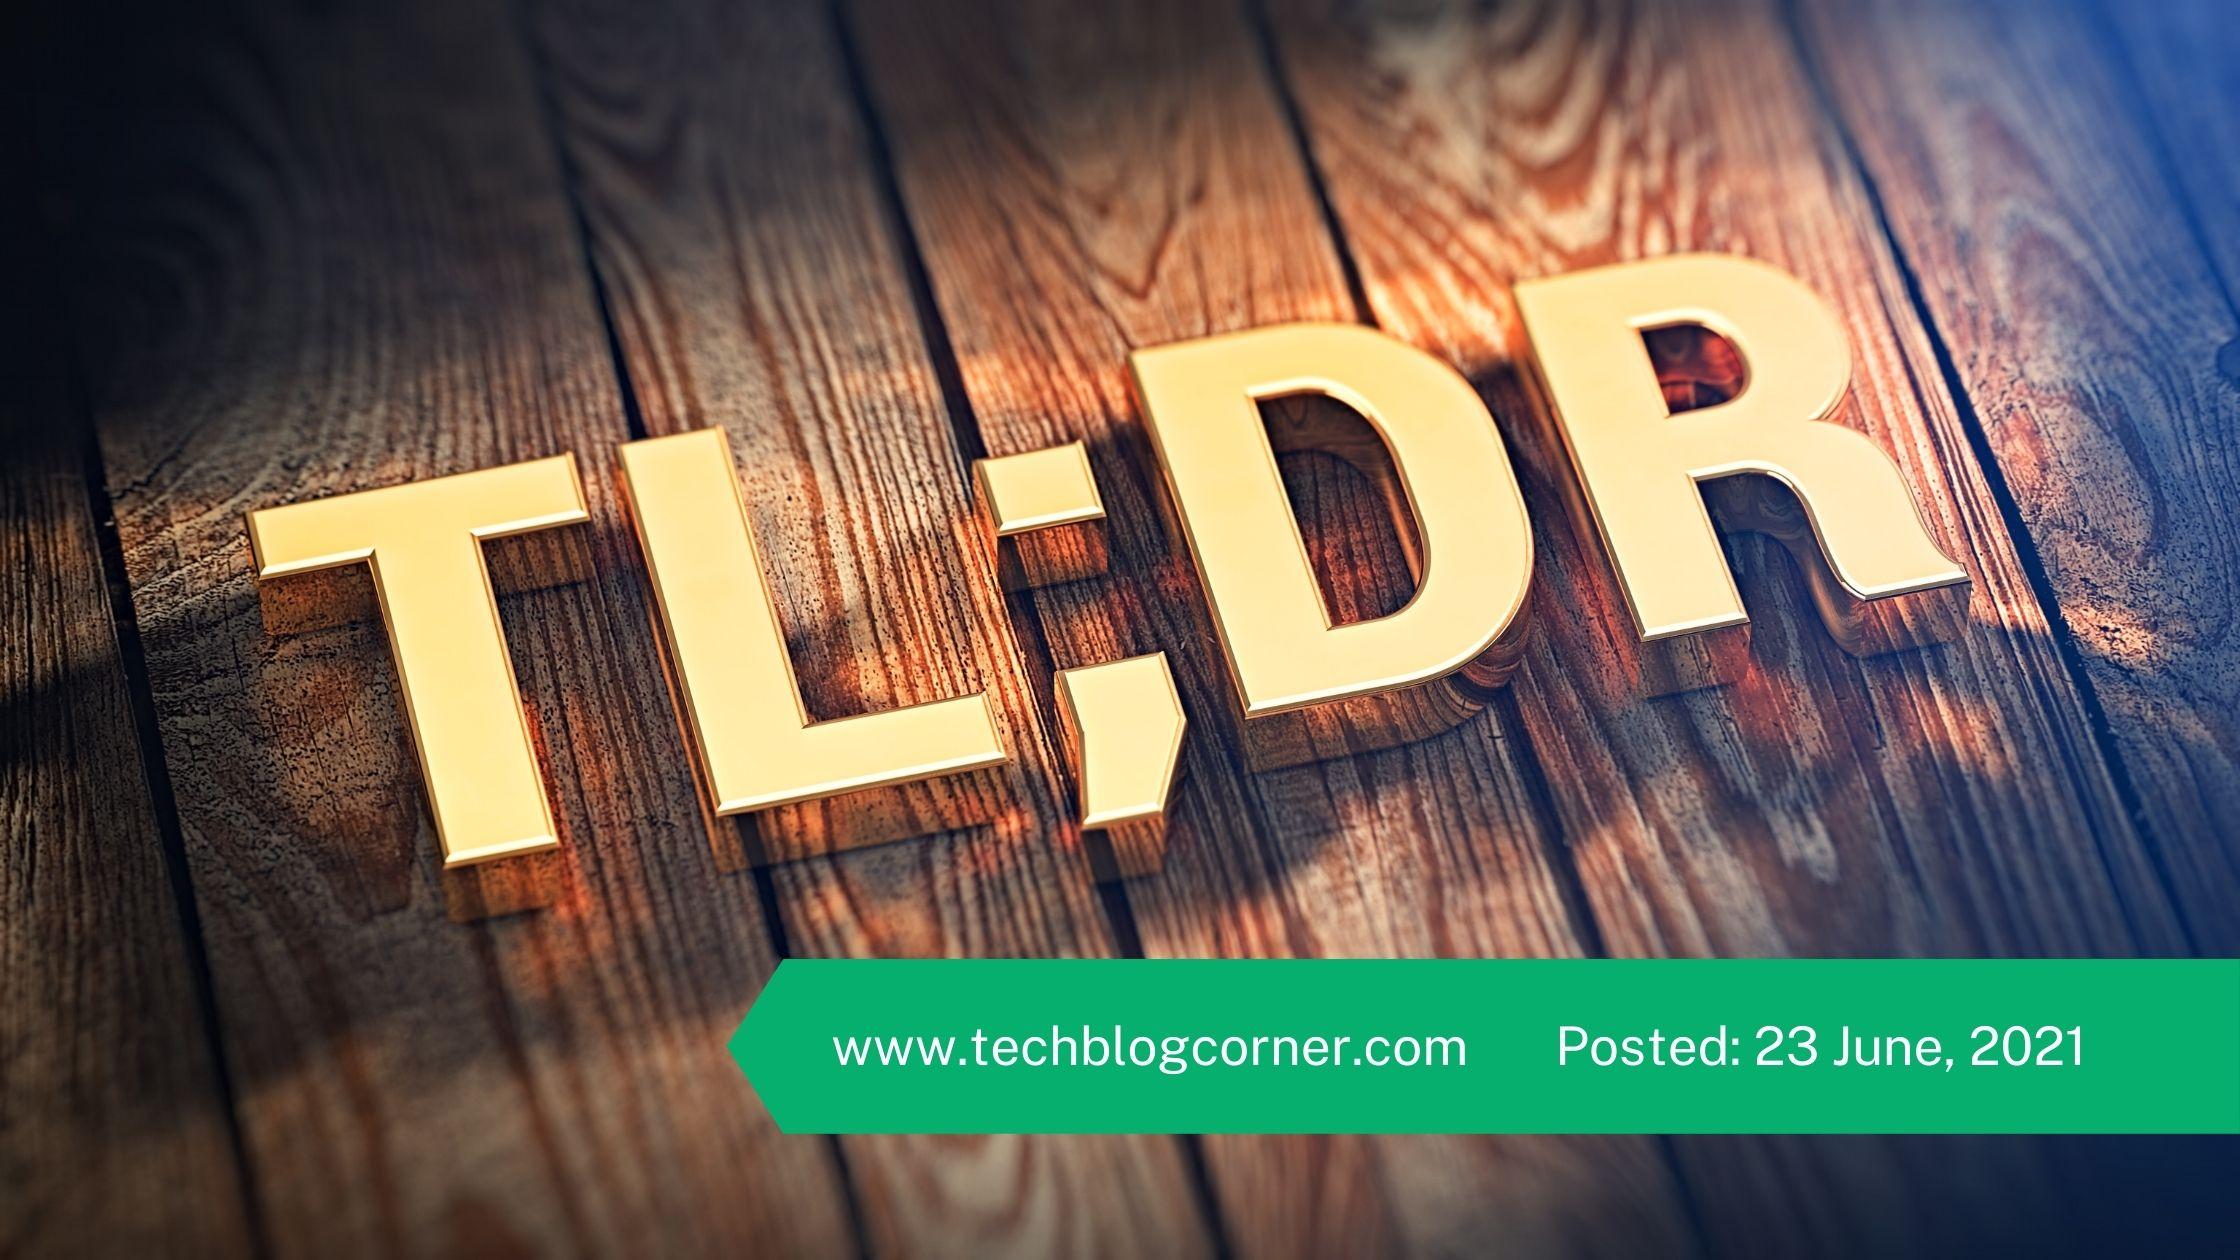 TLDR-